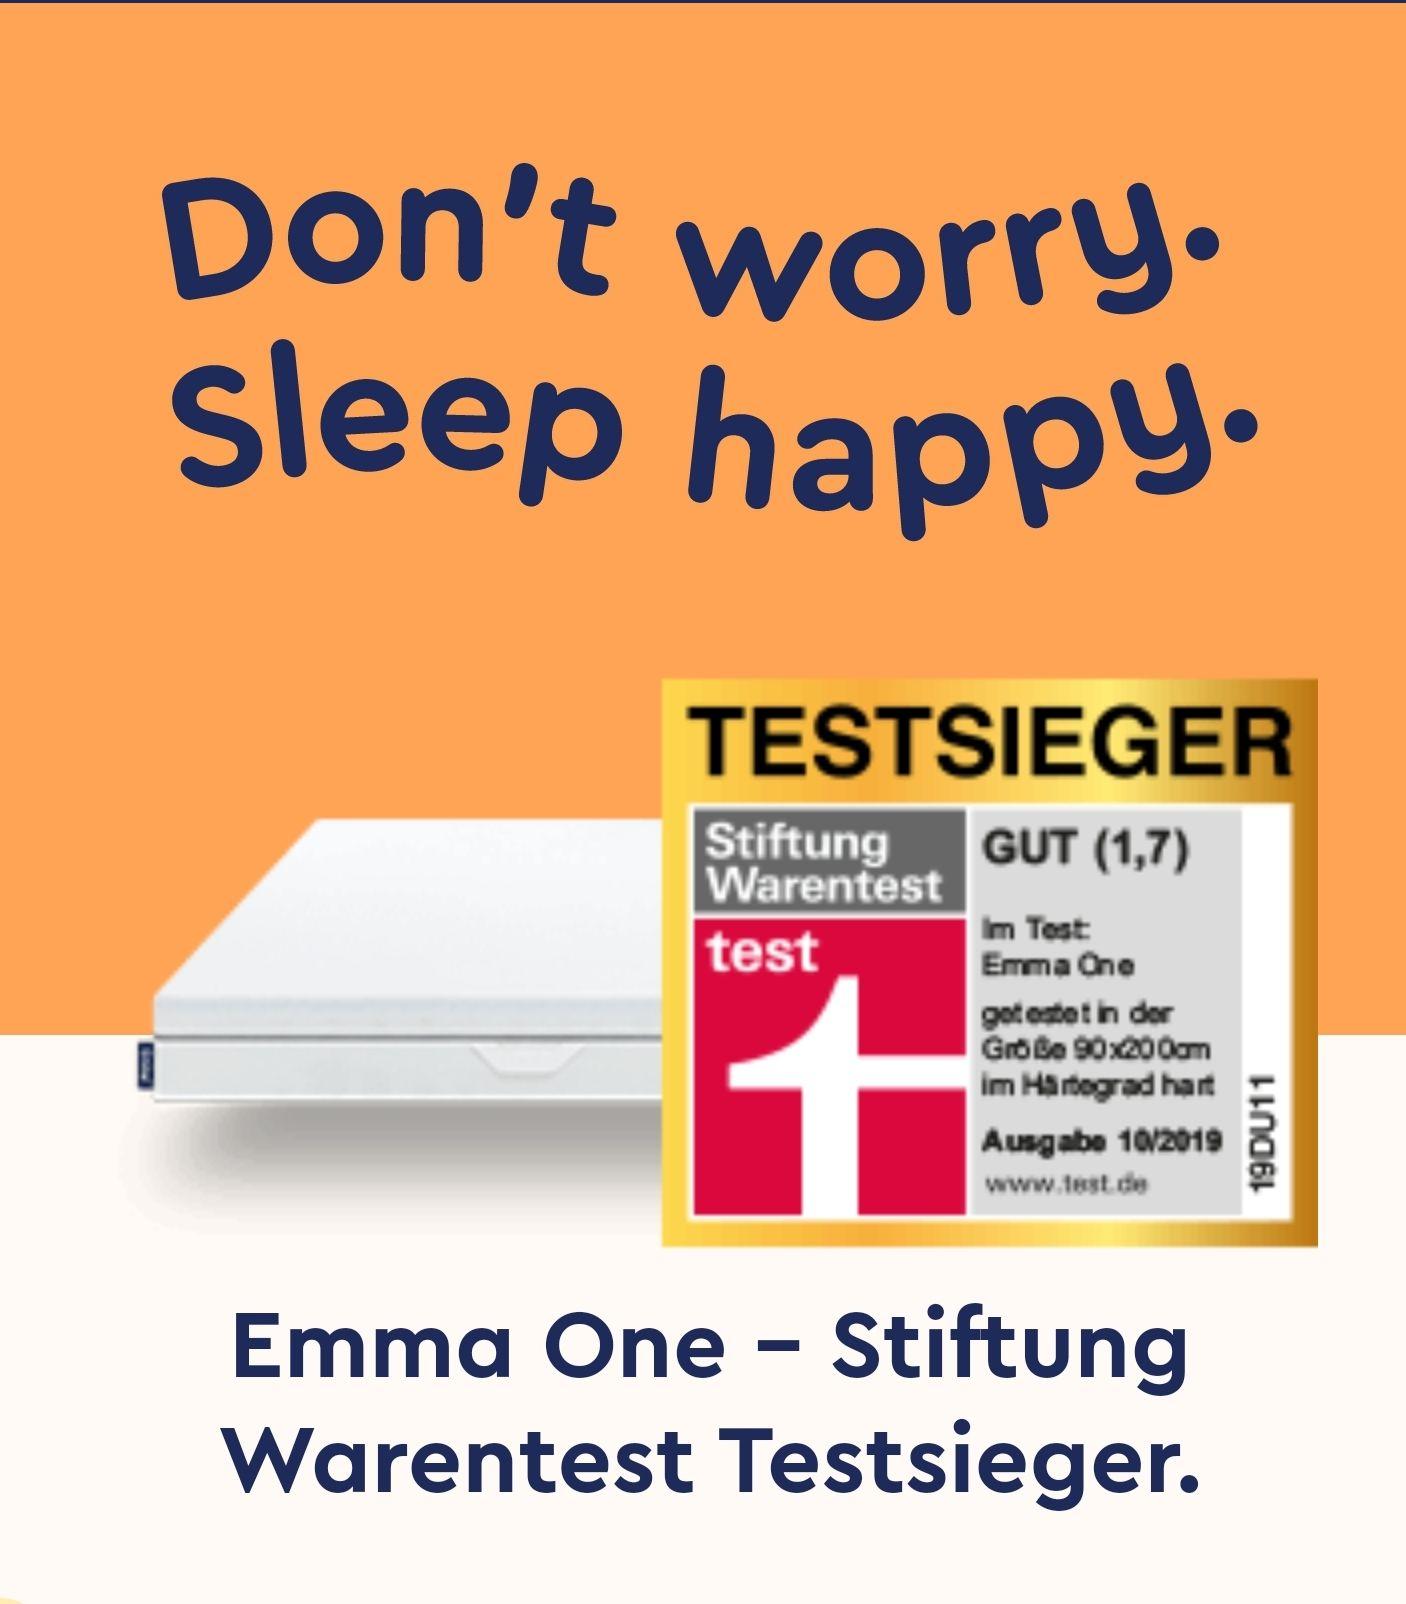 Emma One Testsieger Matratze Medium/Hart 90x200cm (100 Nächte Probeschlafen) Versand ist kostenlos